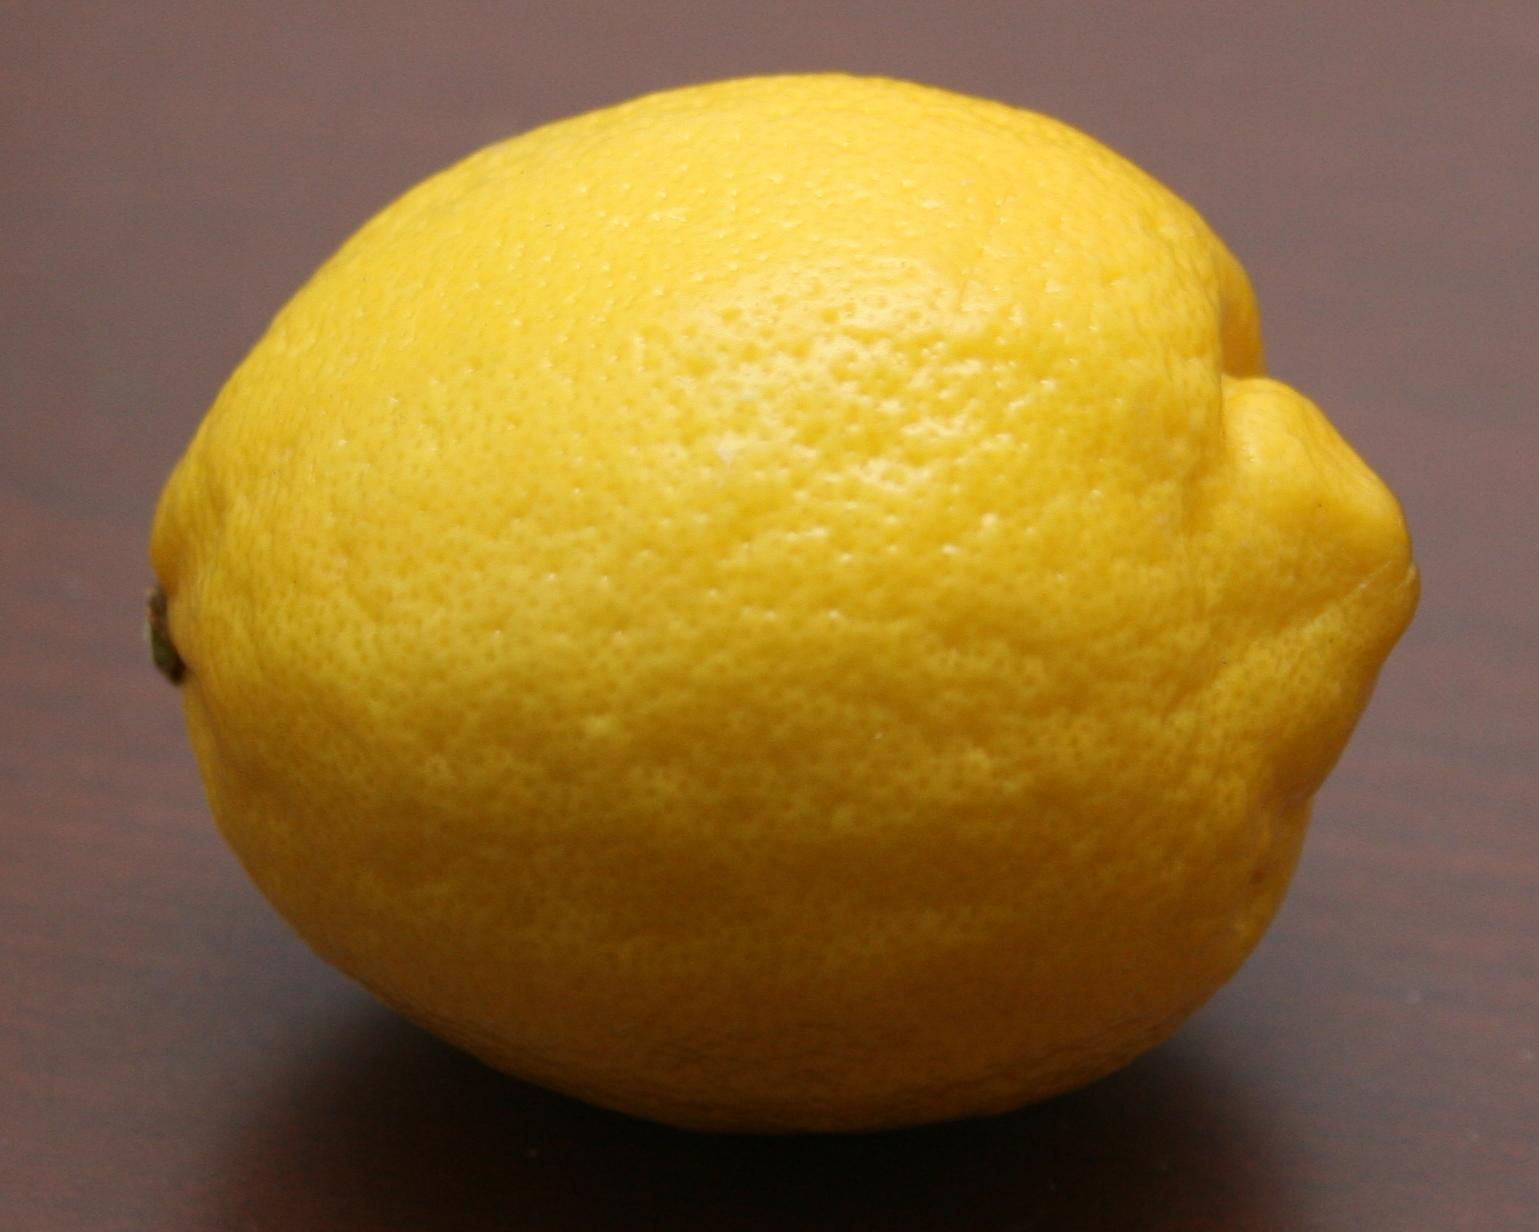 Buy Essays Cheap Online Service Case Study Approach Voarartbr Lemon Battery Diagram Vegetable Potato Research Paper Course Hero